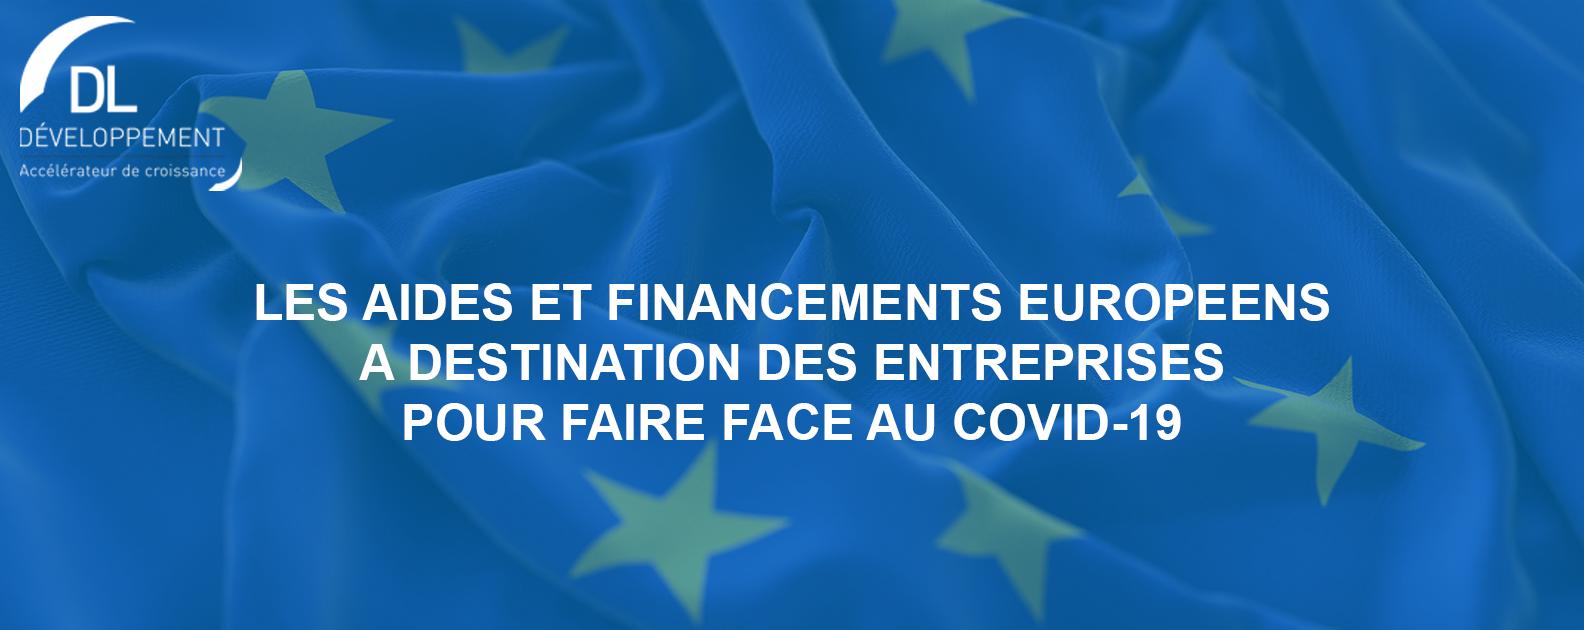 Les aides et financements européens à destination des entreprises pour faire face au COVID-19